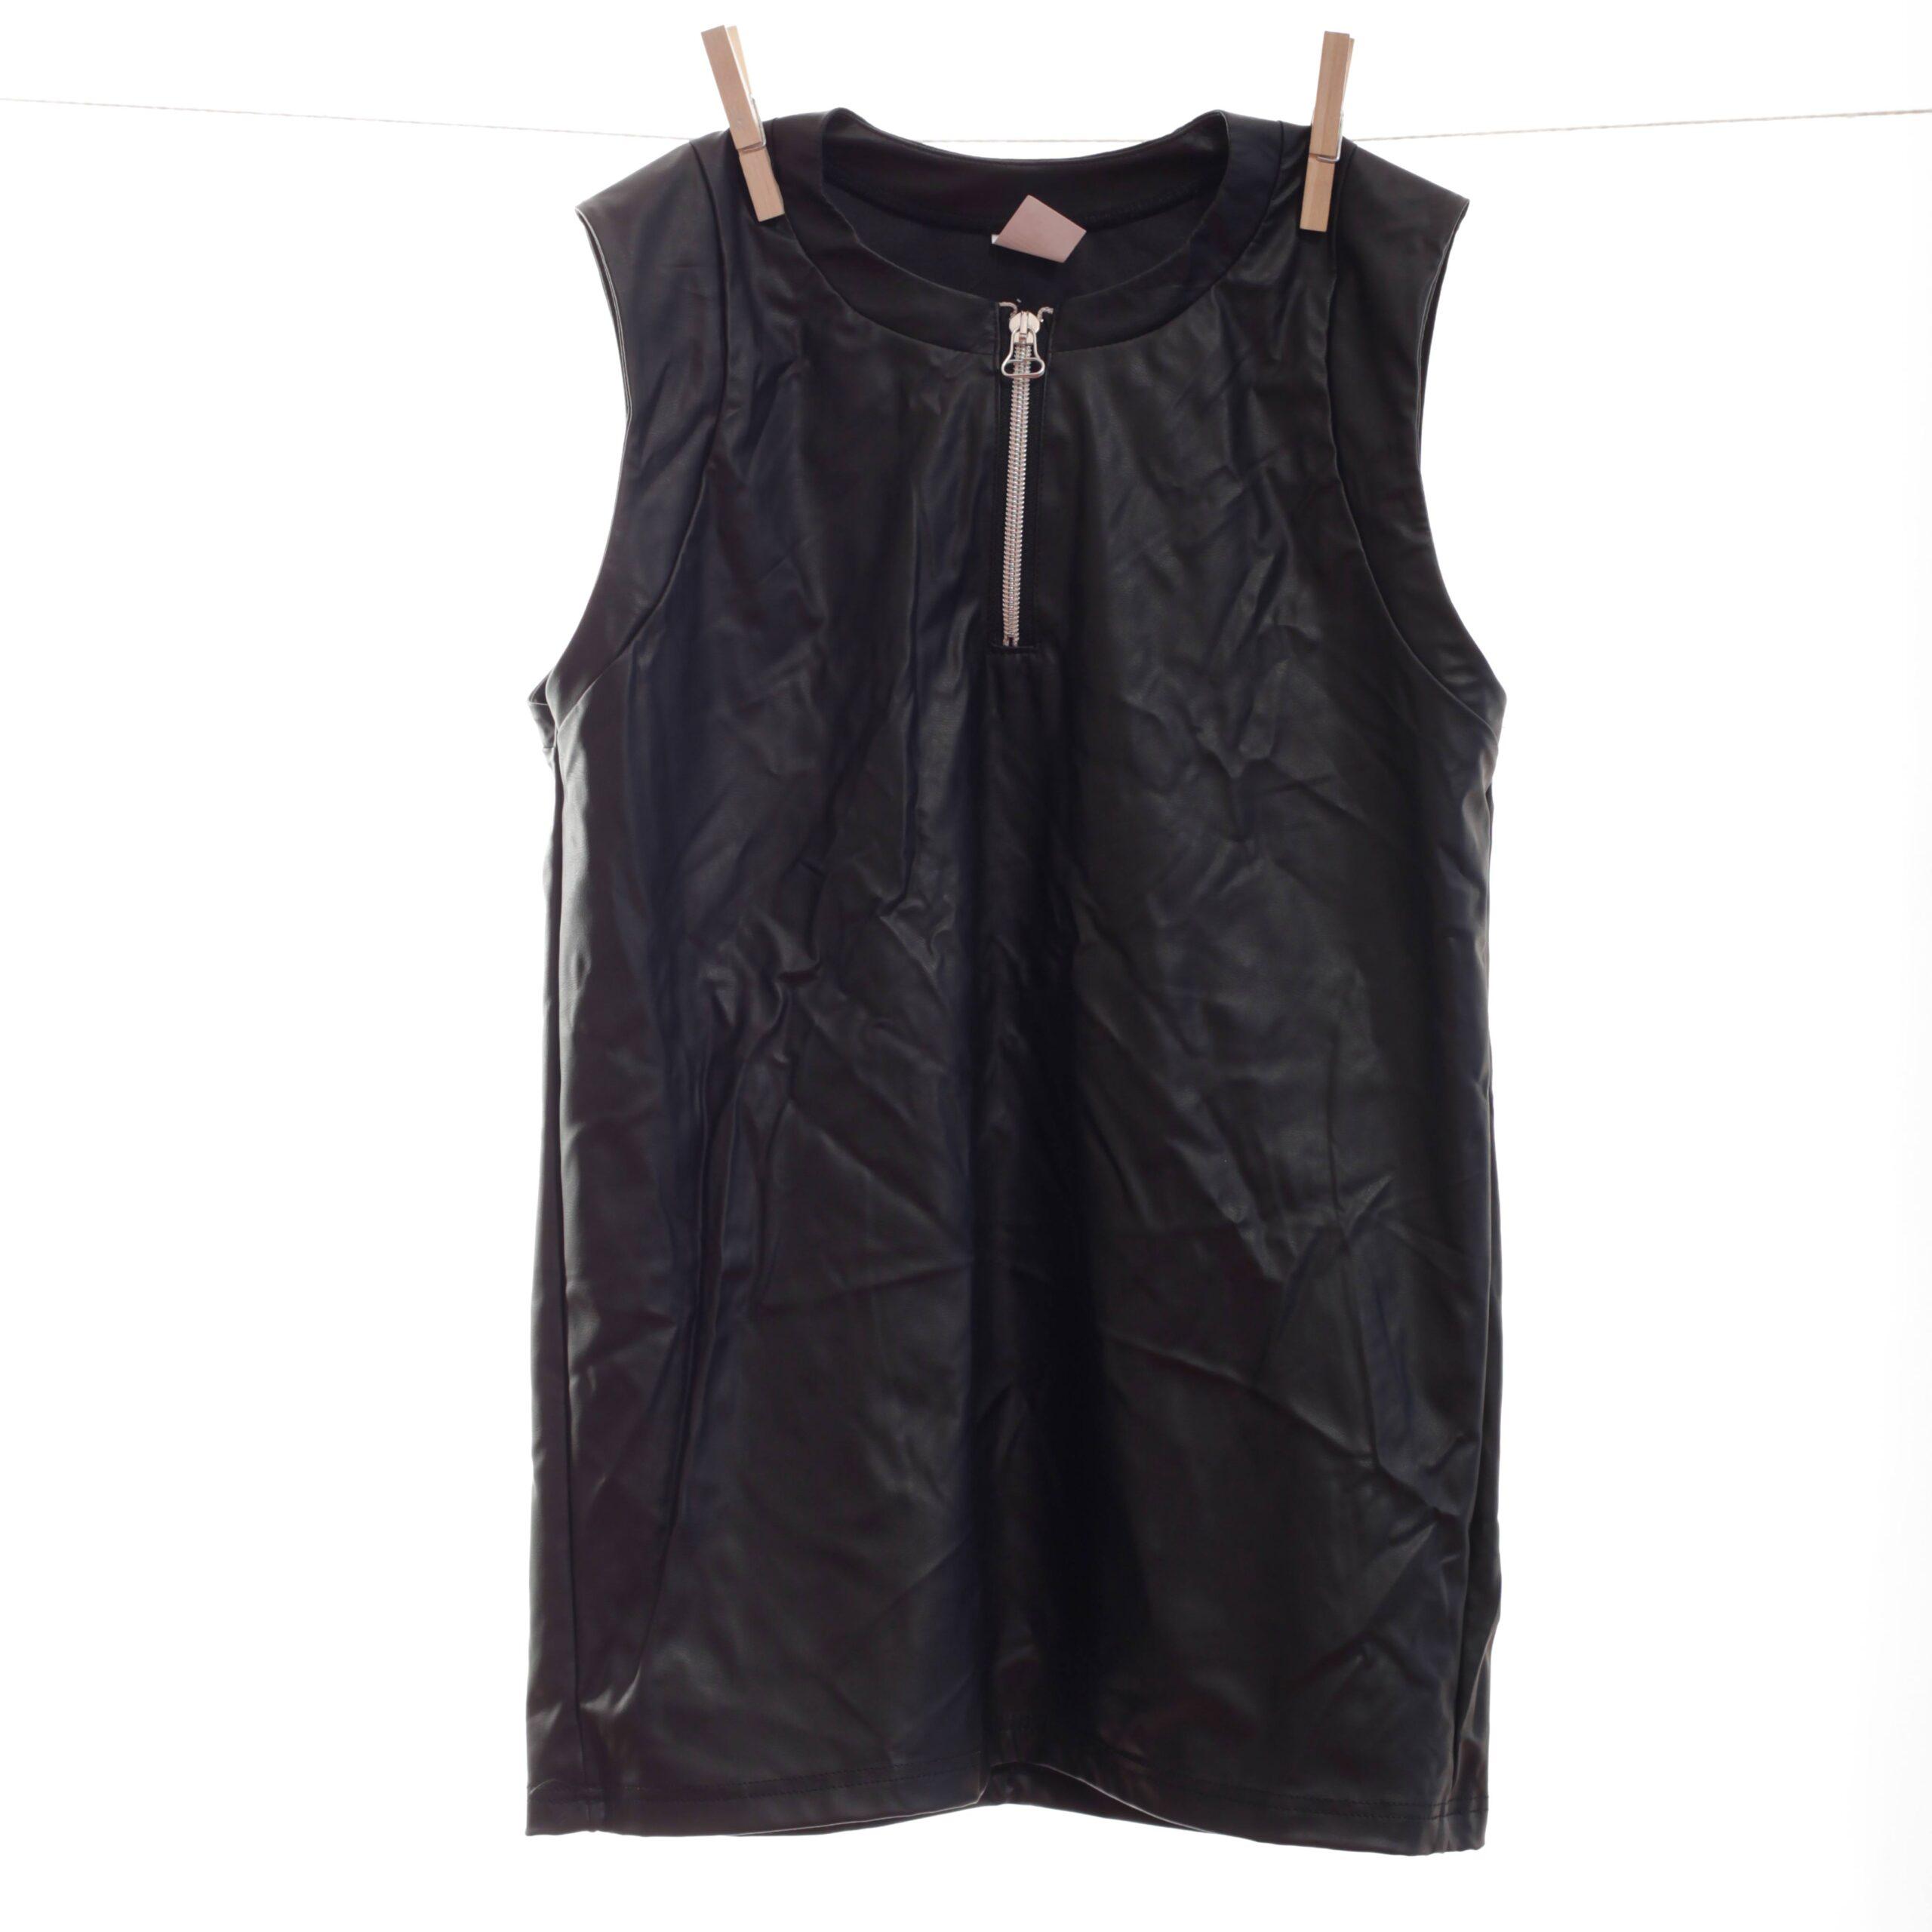 Dieser edle Leatherlike Shirt mit Reißverschluss ist ein Only for Me Produkt. Das heißt, es gibt dieses Shirt online nur bei uns – in begrenzter Stückzahl! Also schnell zugreifen. Größen Erhältlich in den Größen S, M, L Materialzusammensetzung festes Leatherlike: 40% Polyester | 60%…